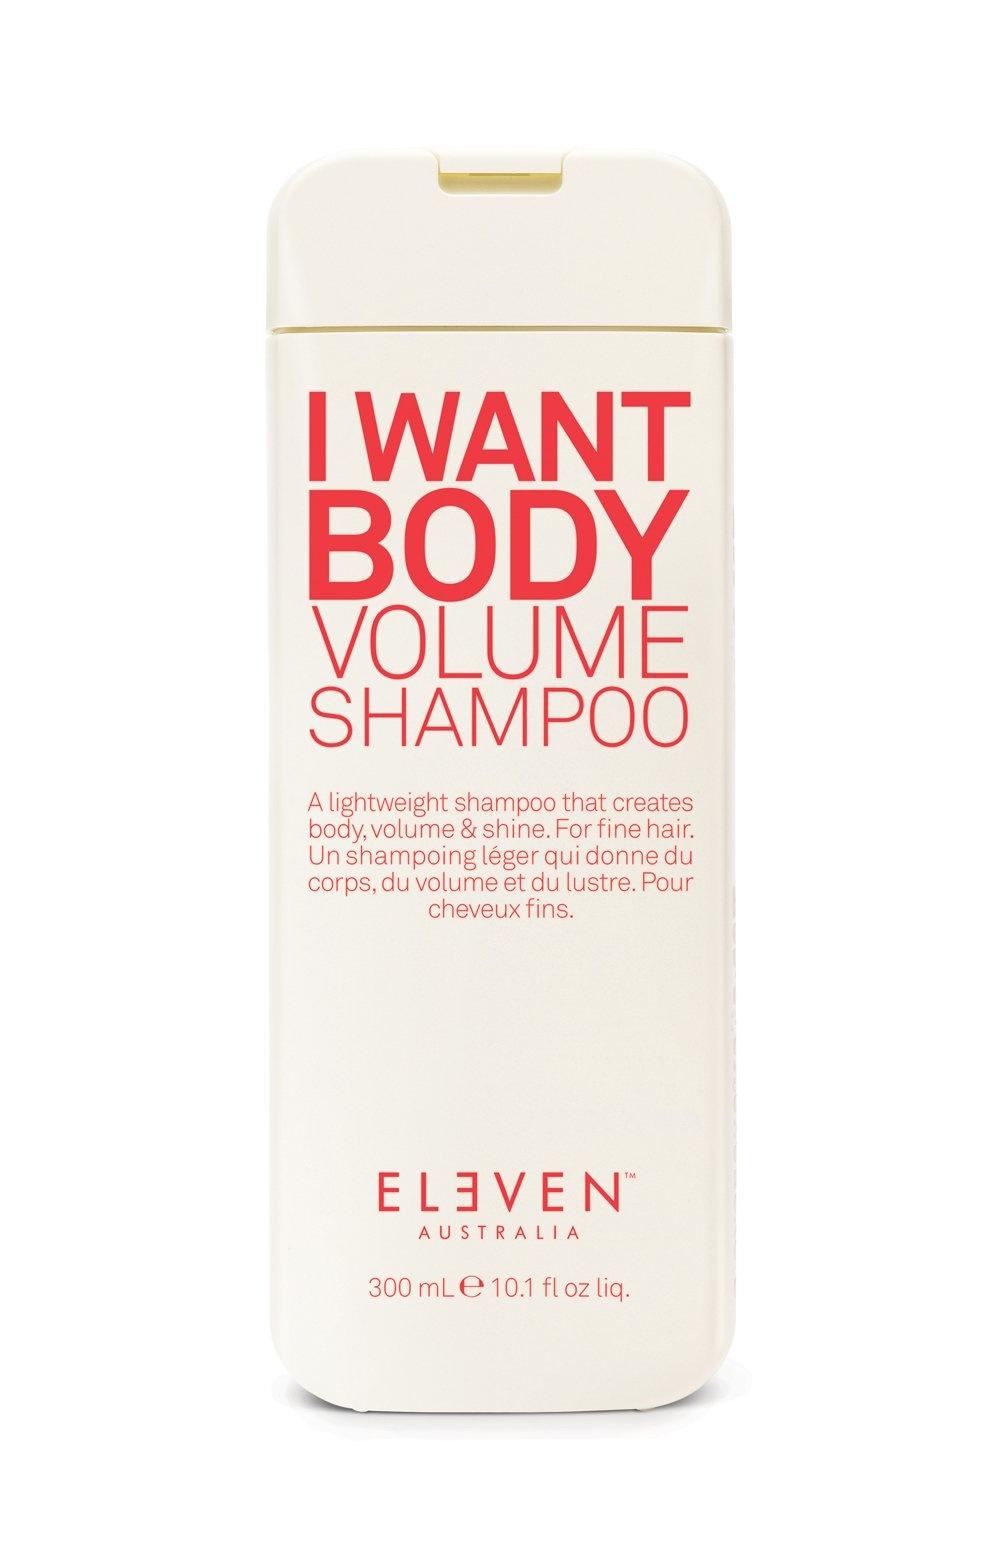 Eleven Australia I Want Body Volume Shampoo